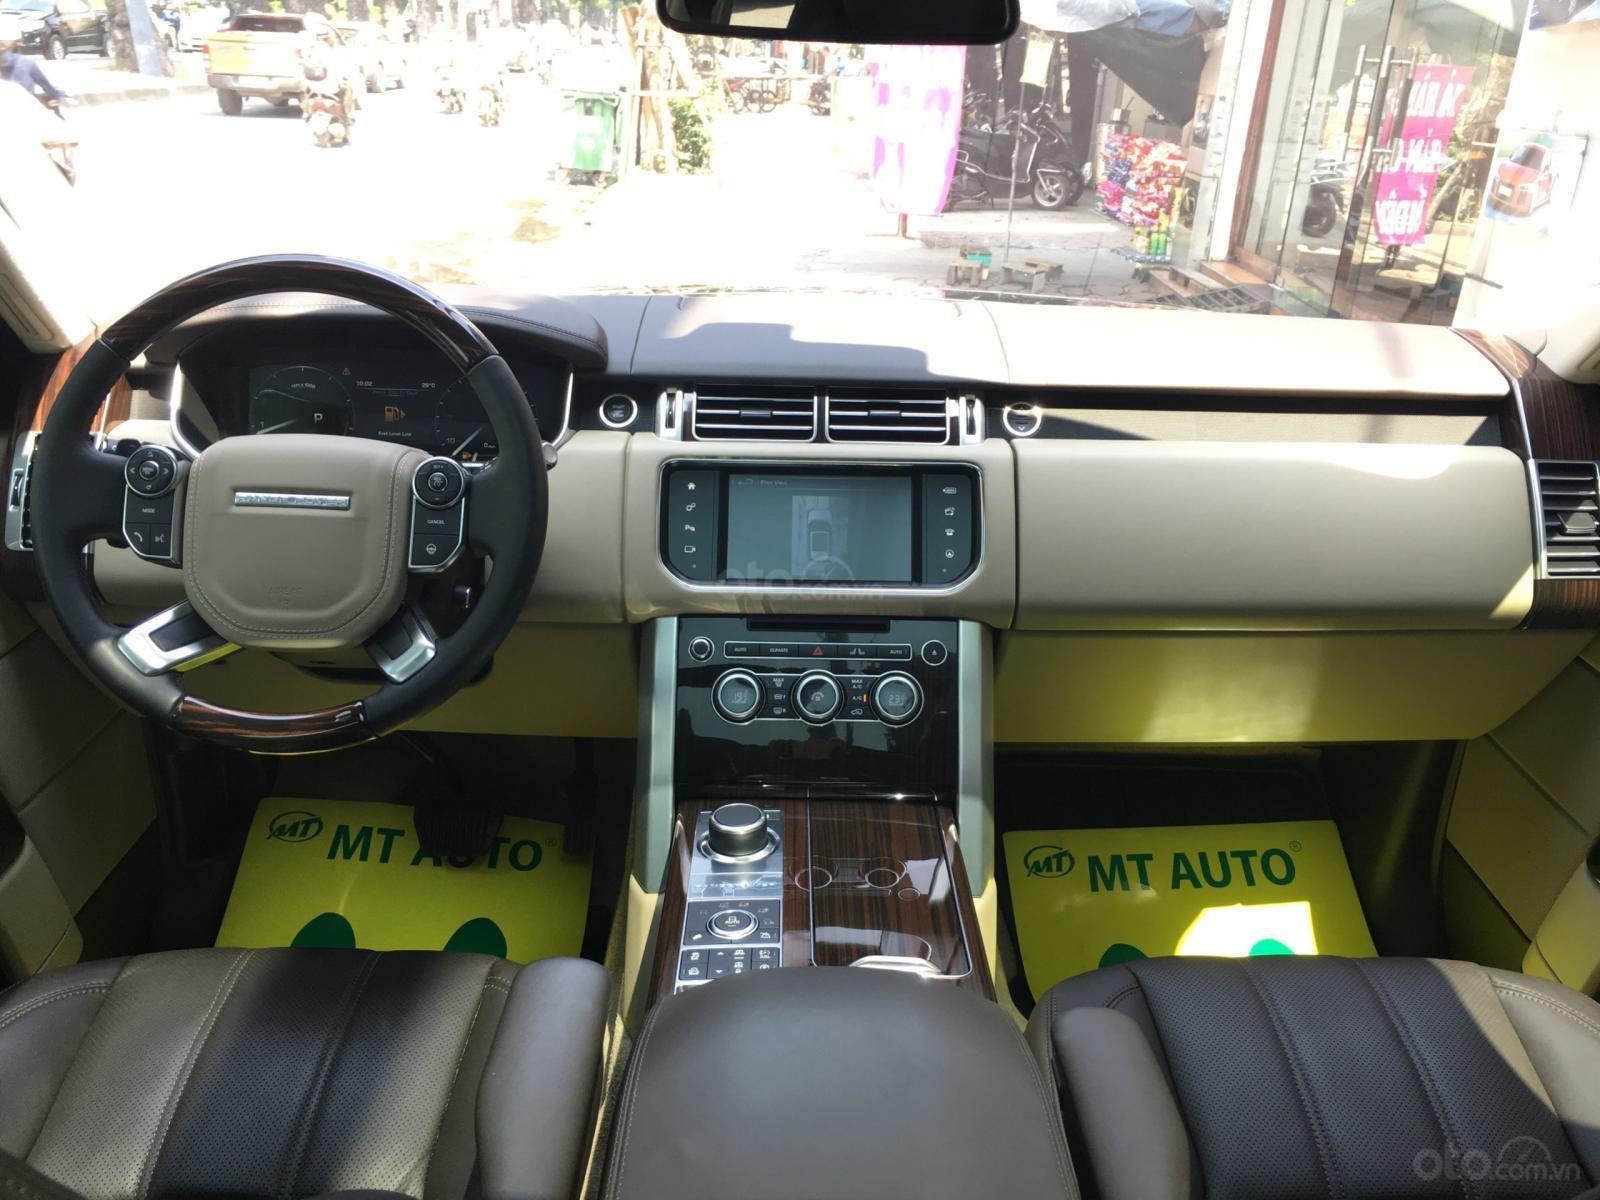 Cần bán LandRover Range Rover HSE 3.0 sản xuất 2016, màu đen, nhập khẩu - LH: 0982.842838 (15)